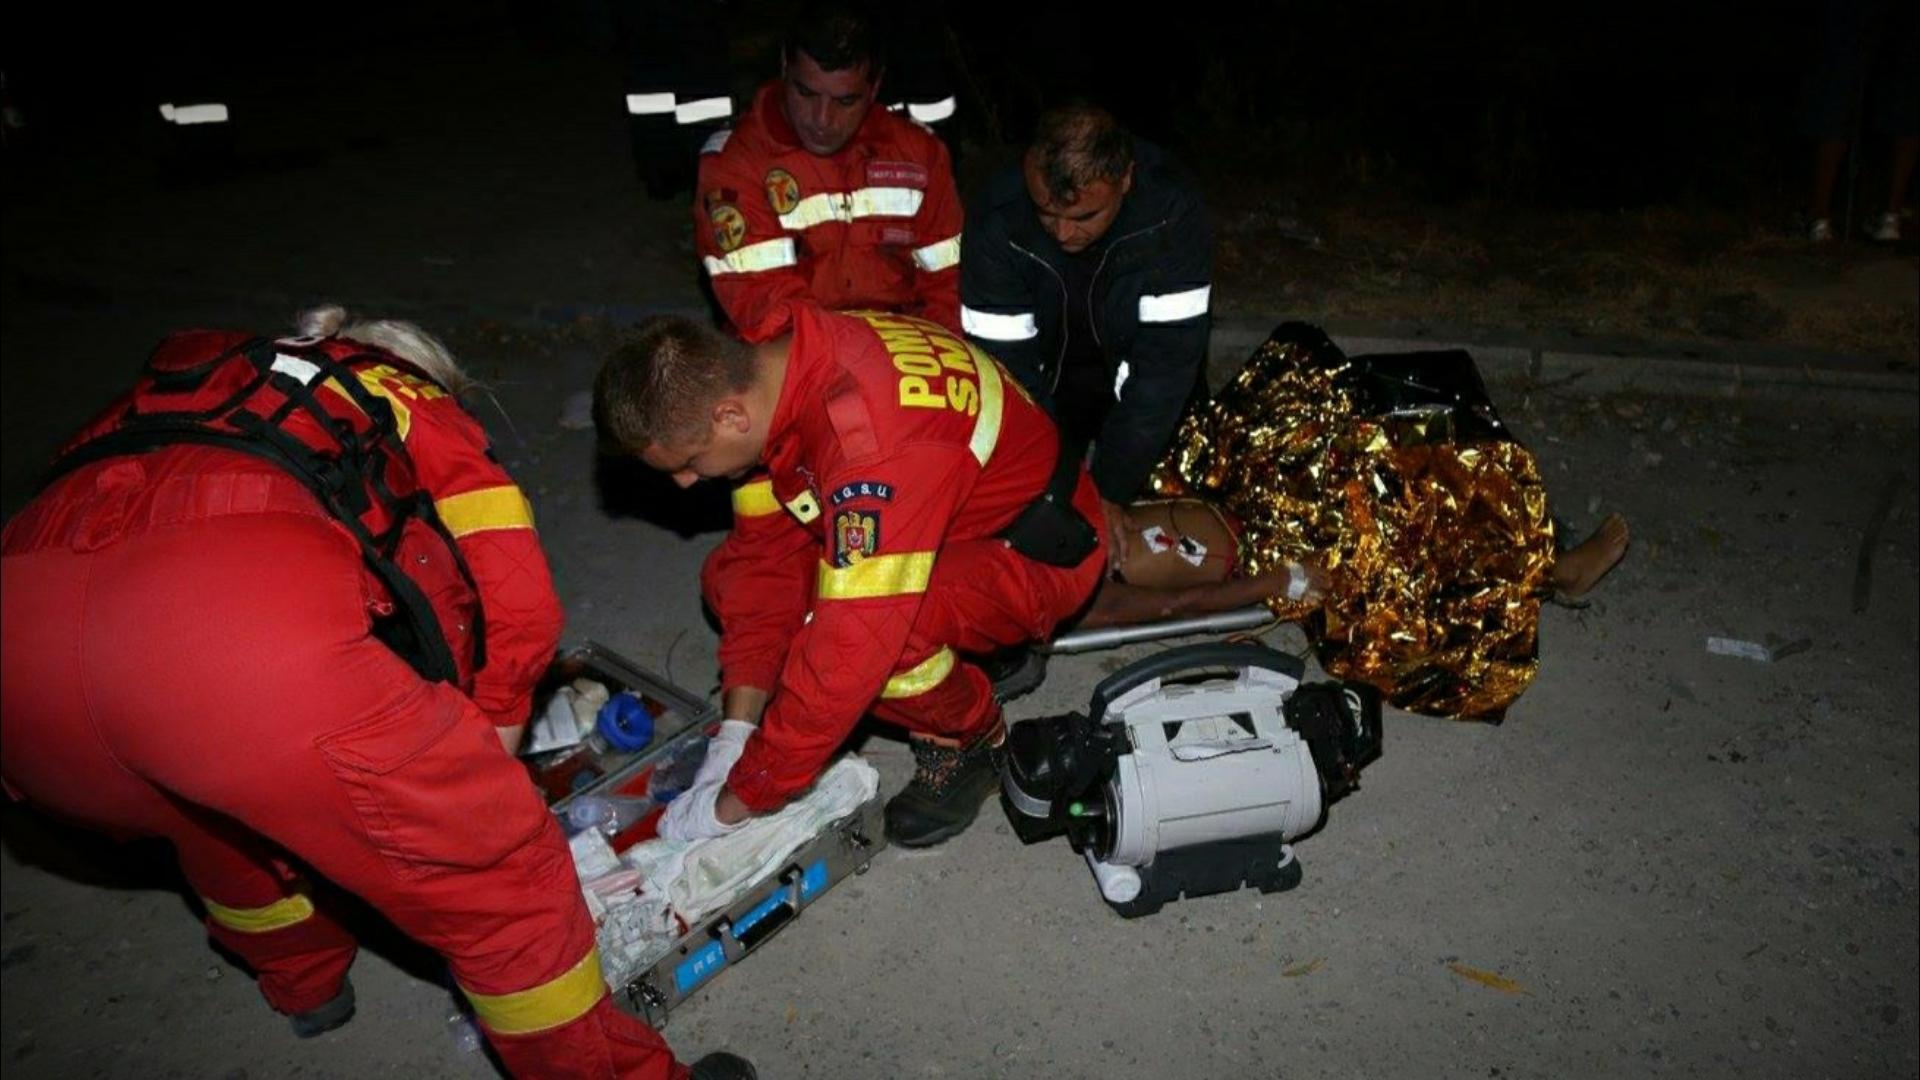 Tragedie: O fetiță de 2 ani a murit, după ce a căzut de la etajul 4